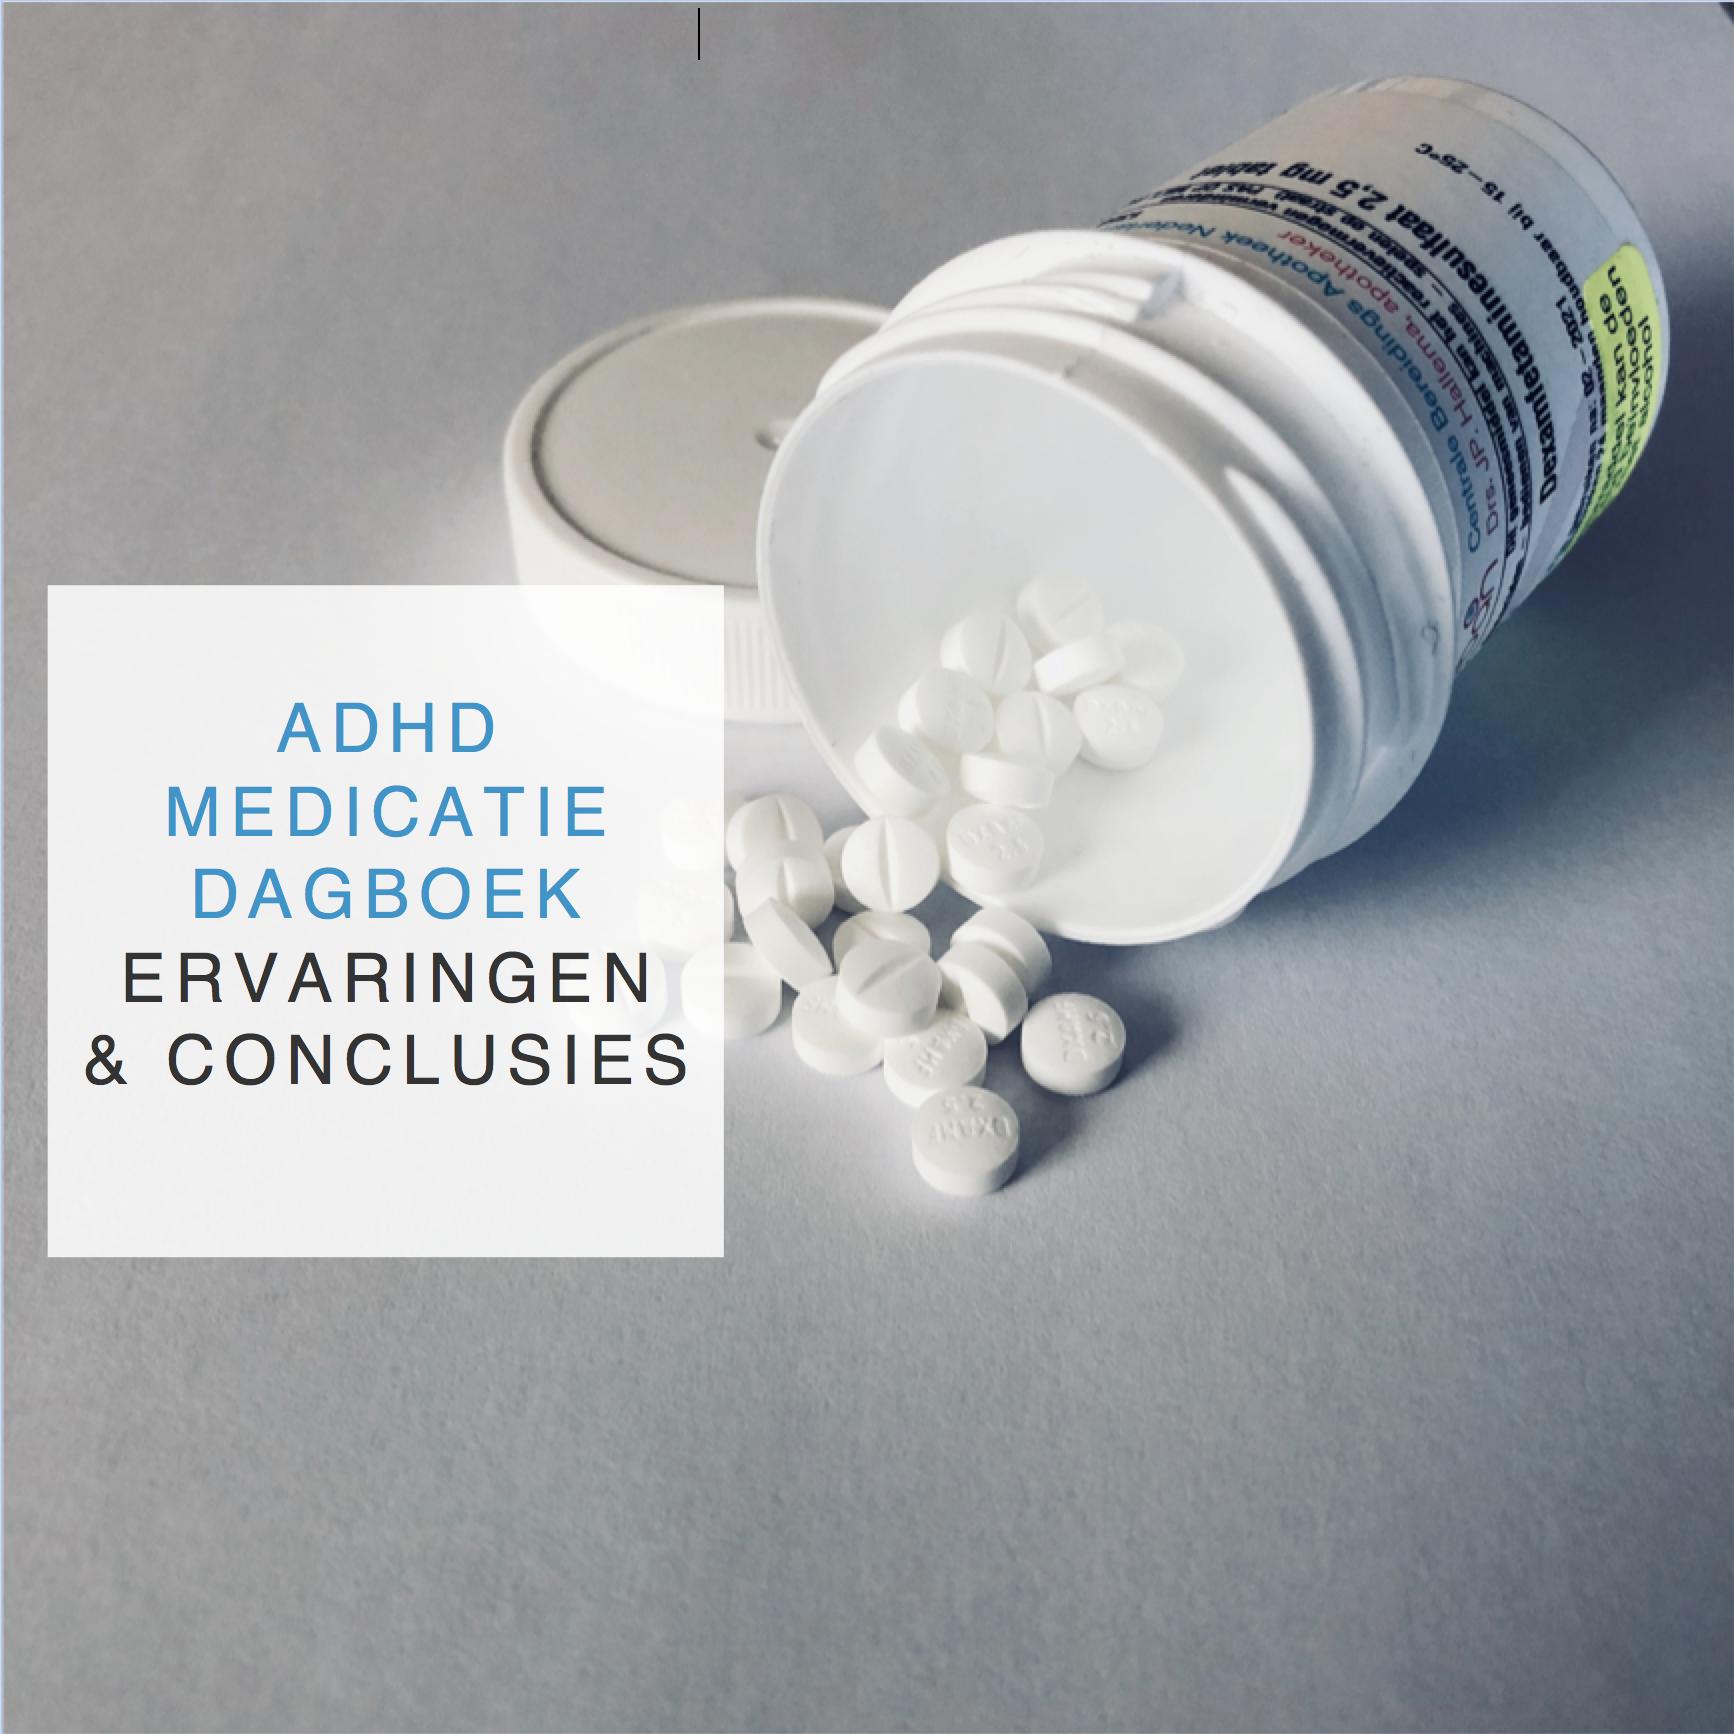 ADHD medicatie dagboek ervaringen en conclusies - CreativeHealth.nl